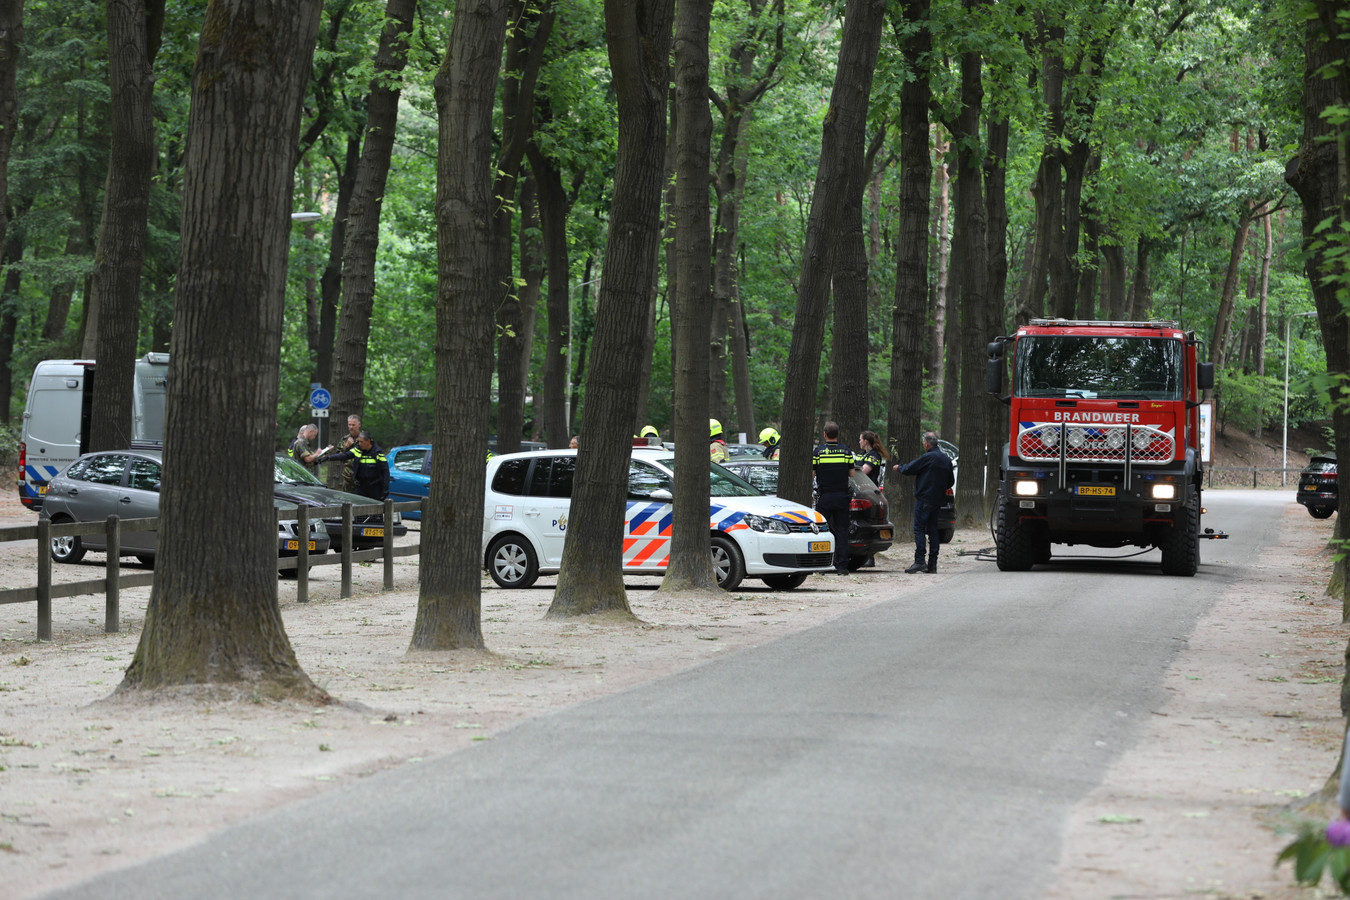 Brandweer, politie en EOD zijn donderdag bezig met een onderzoek op het parkeerterrein van vakantiepark De Zanding in Otterlo.